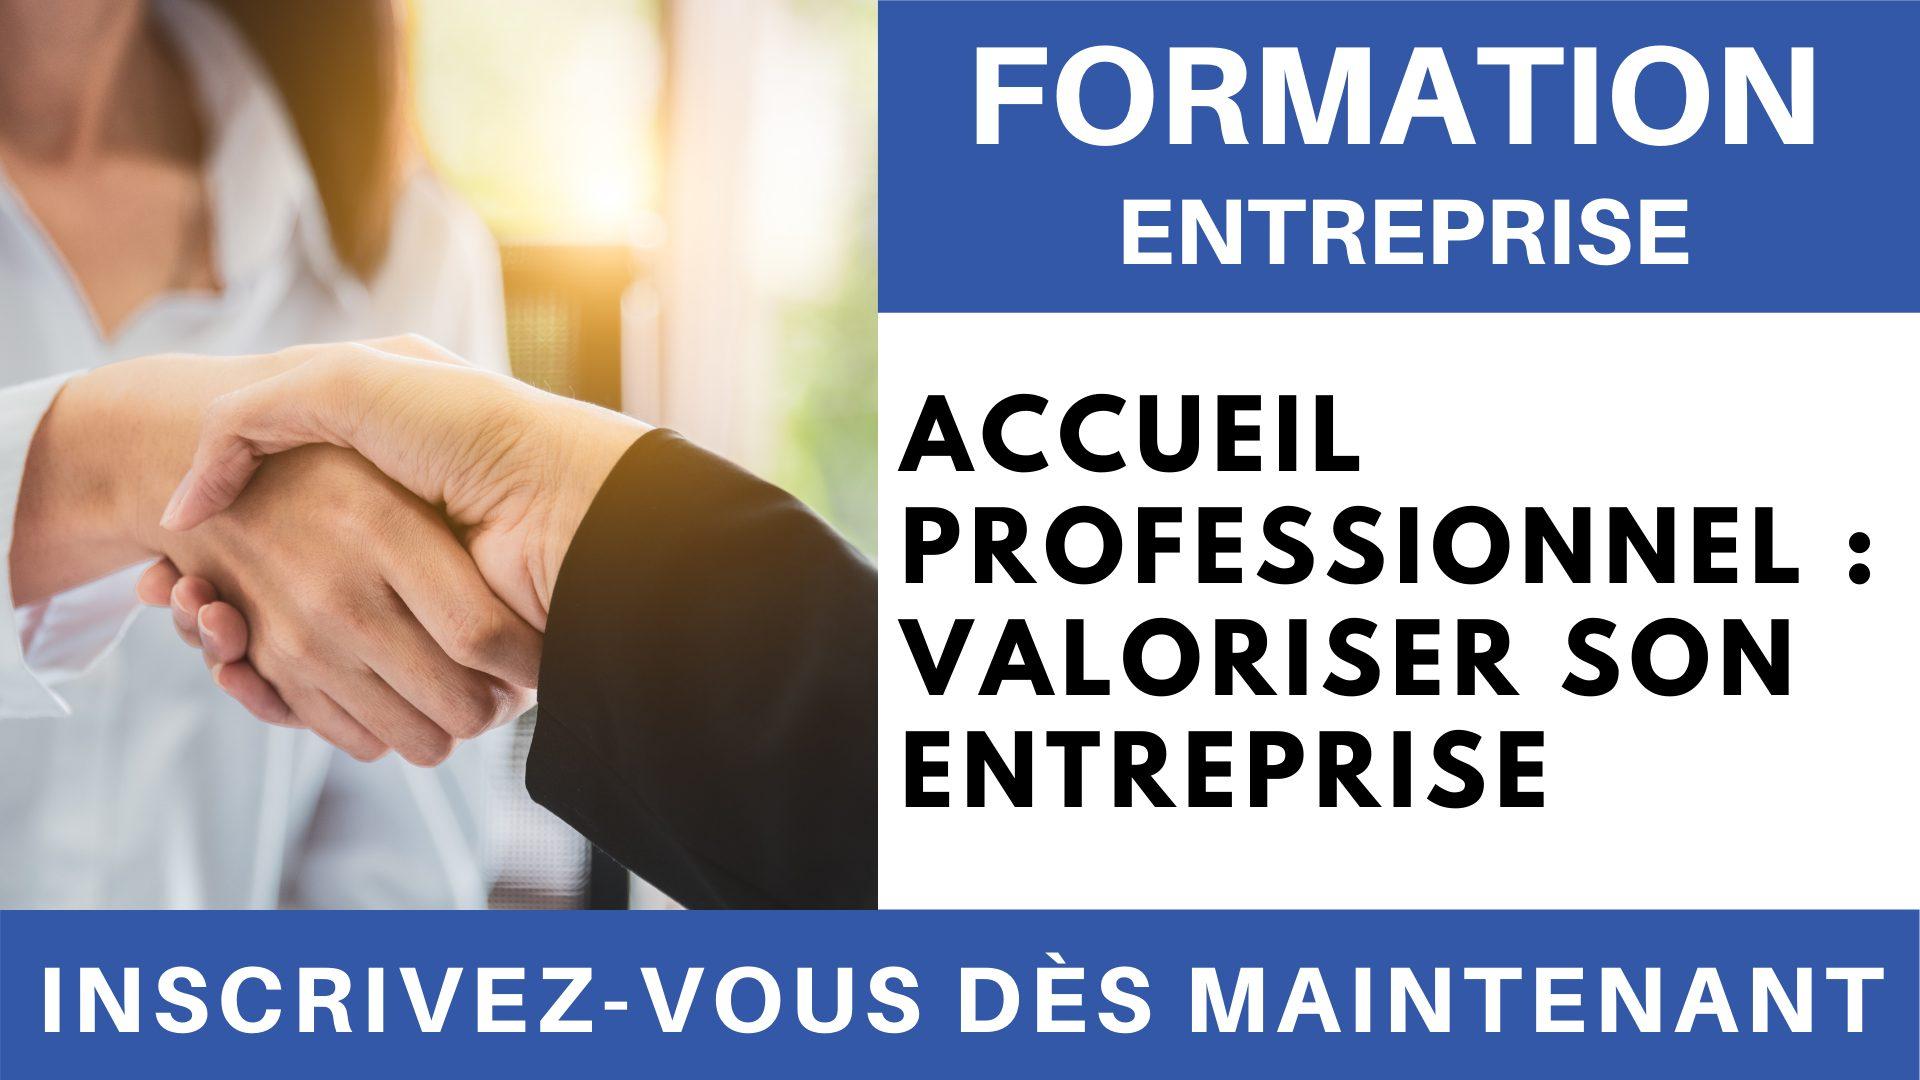 Formation Entreprise - Accueil professionnel